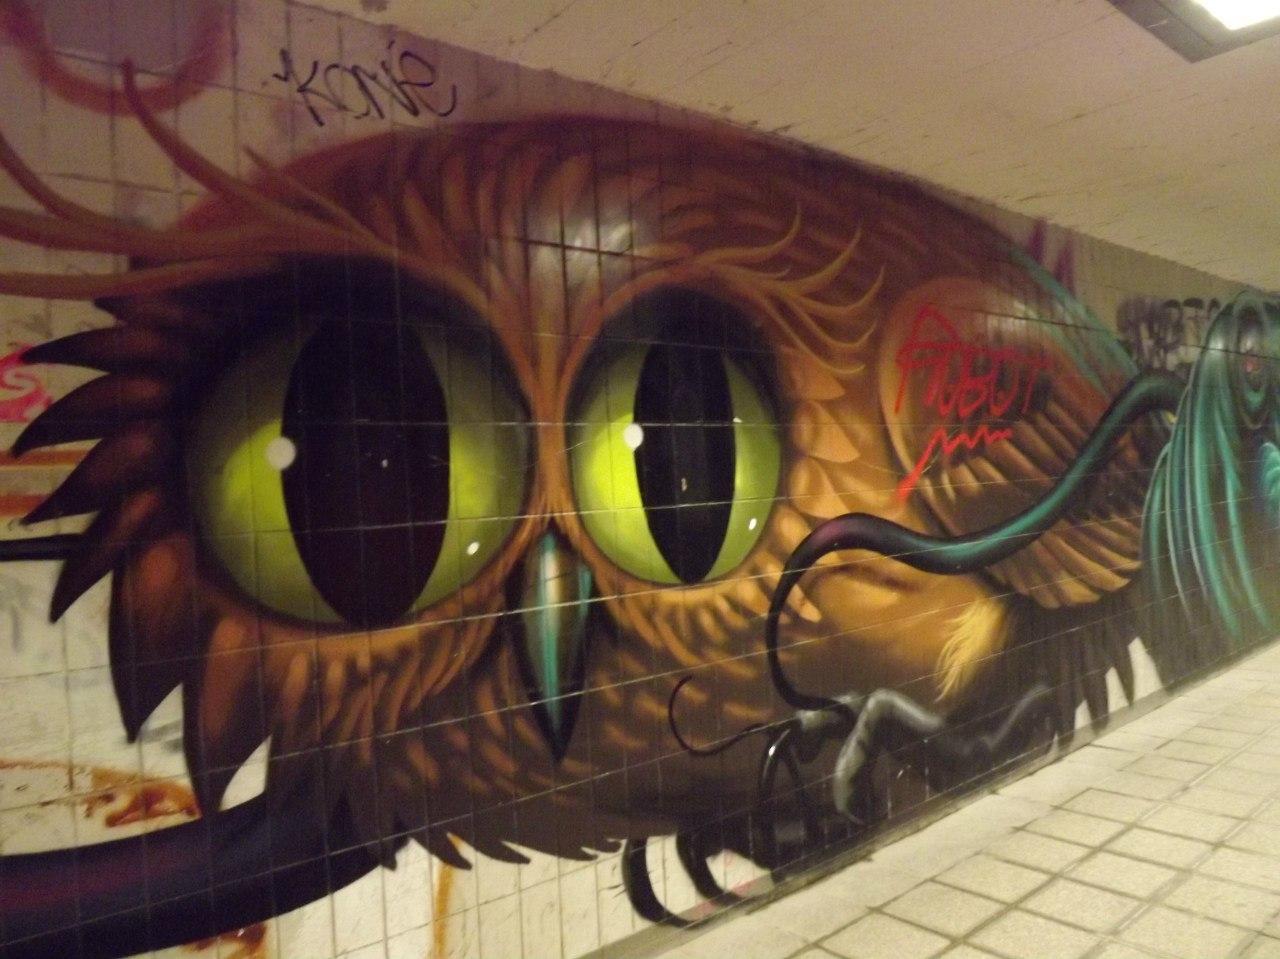 Совушка в городском подземелье